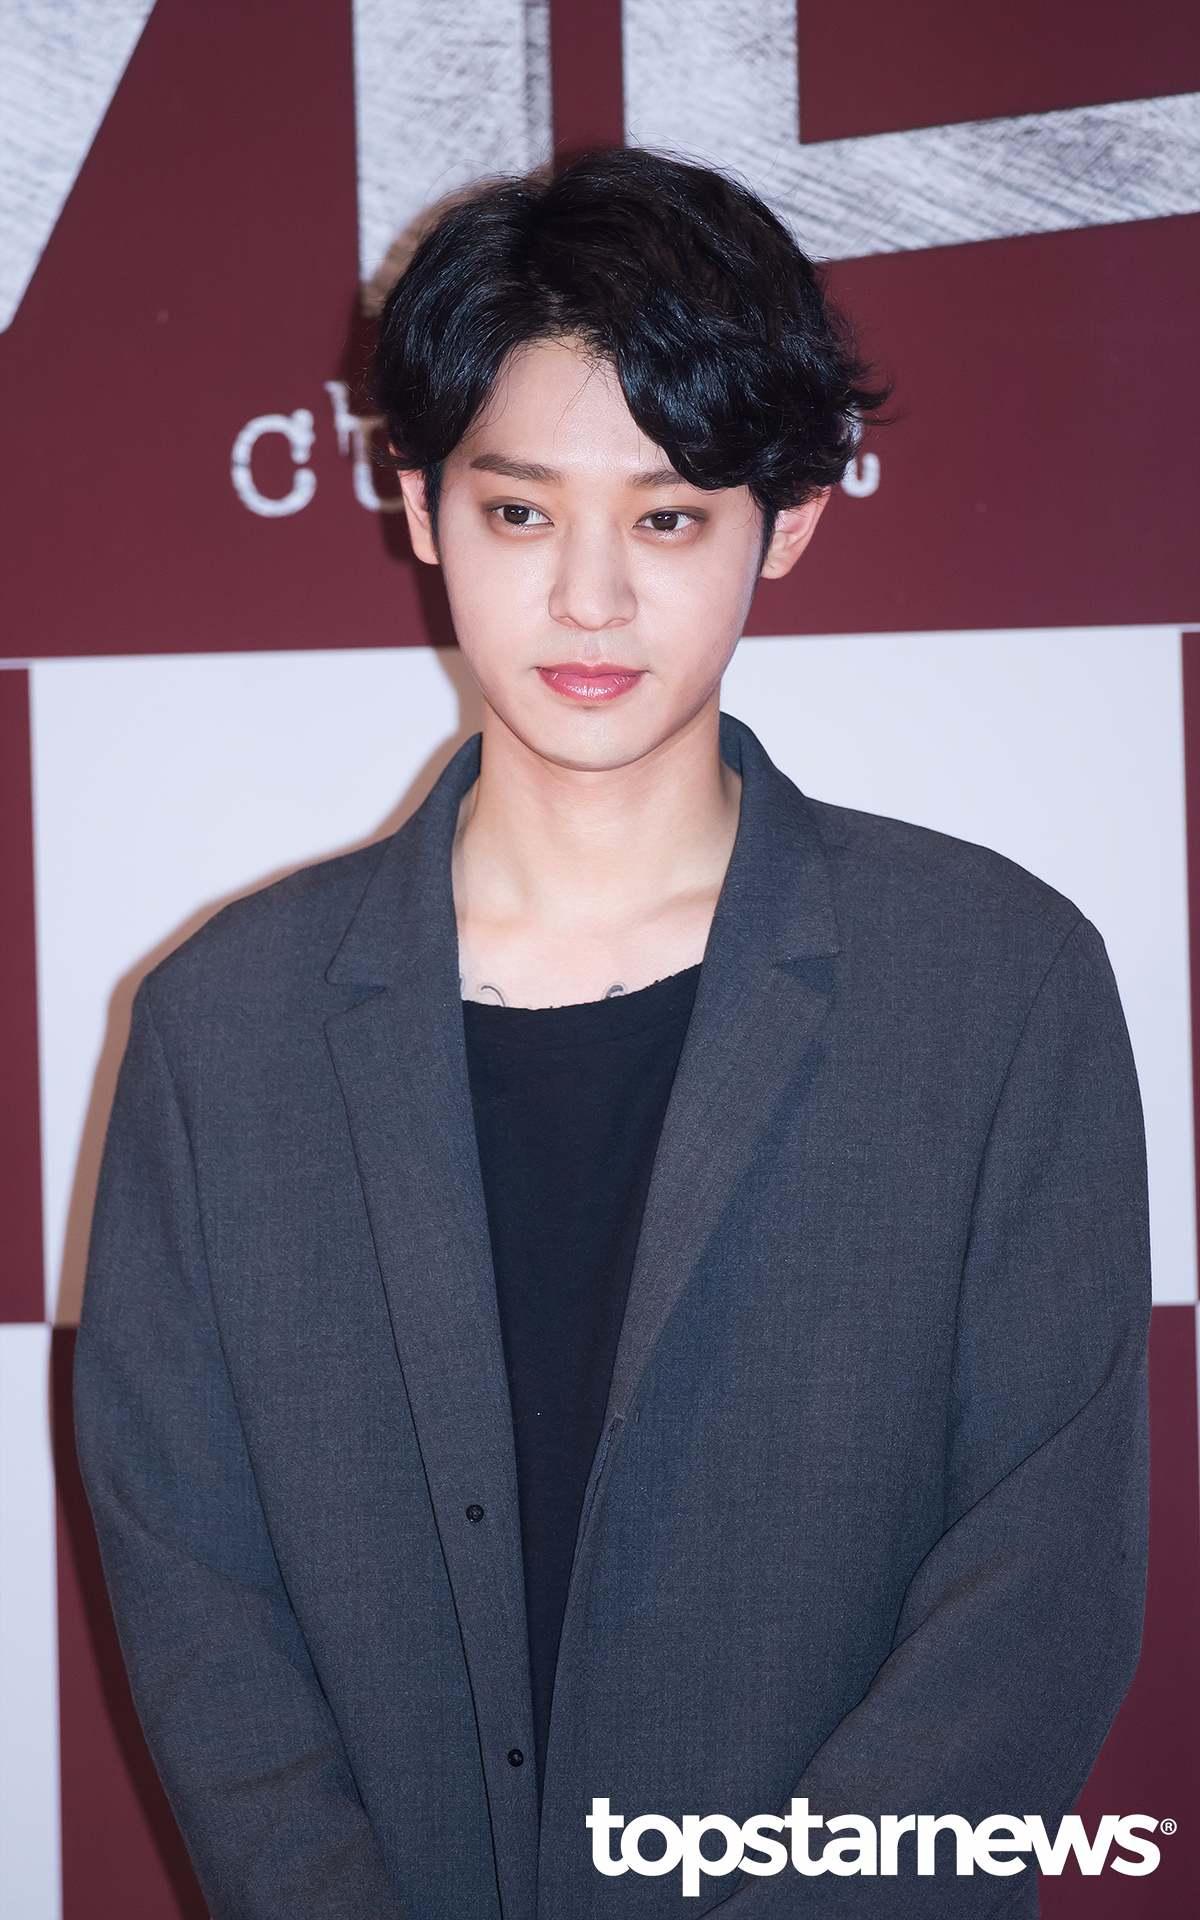 他就是在選秀節目Mnet《Superstar K》獲得第四季季軍的搖滾歌手鄭俊英~因父親工作而到過中國、法國、日本和菲律賓等地生活,所以懂得五六種語言,韓文,英文,中文,日文,菲律賓文等,感覺超威